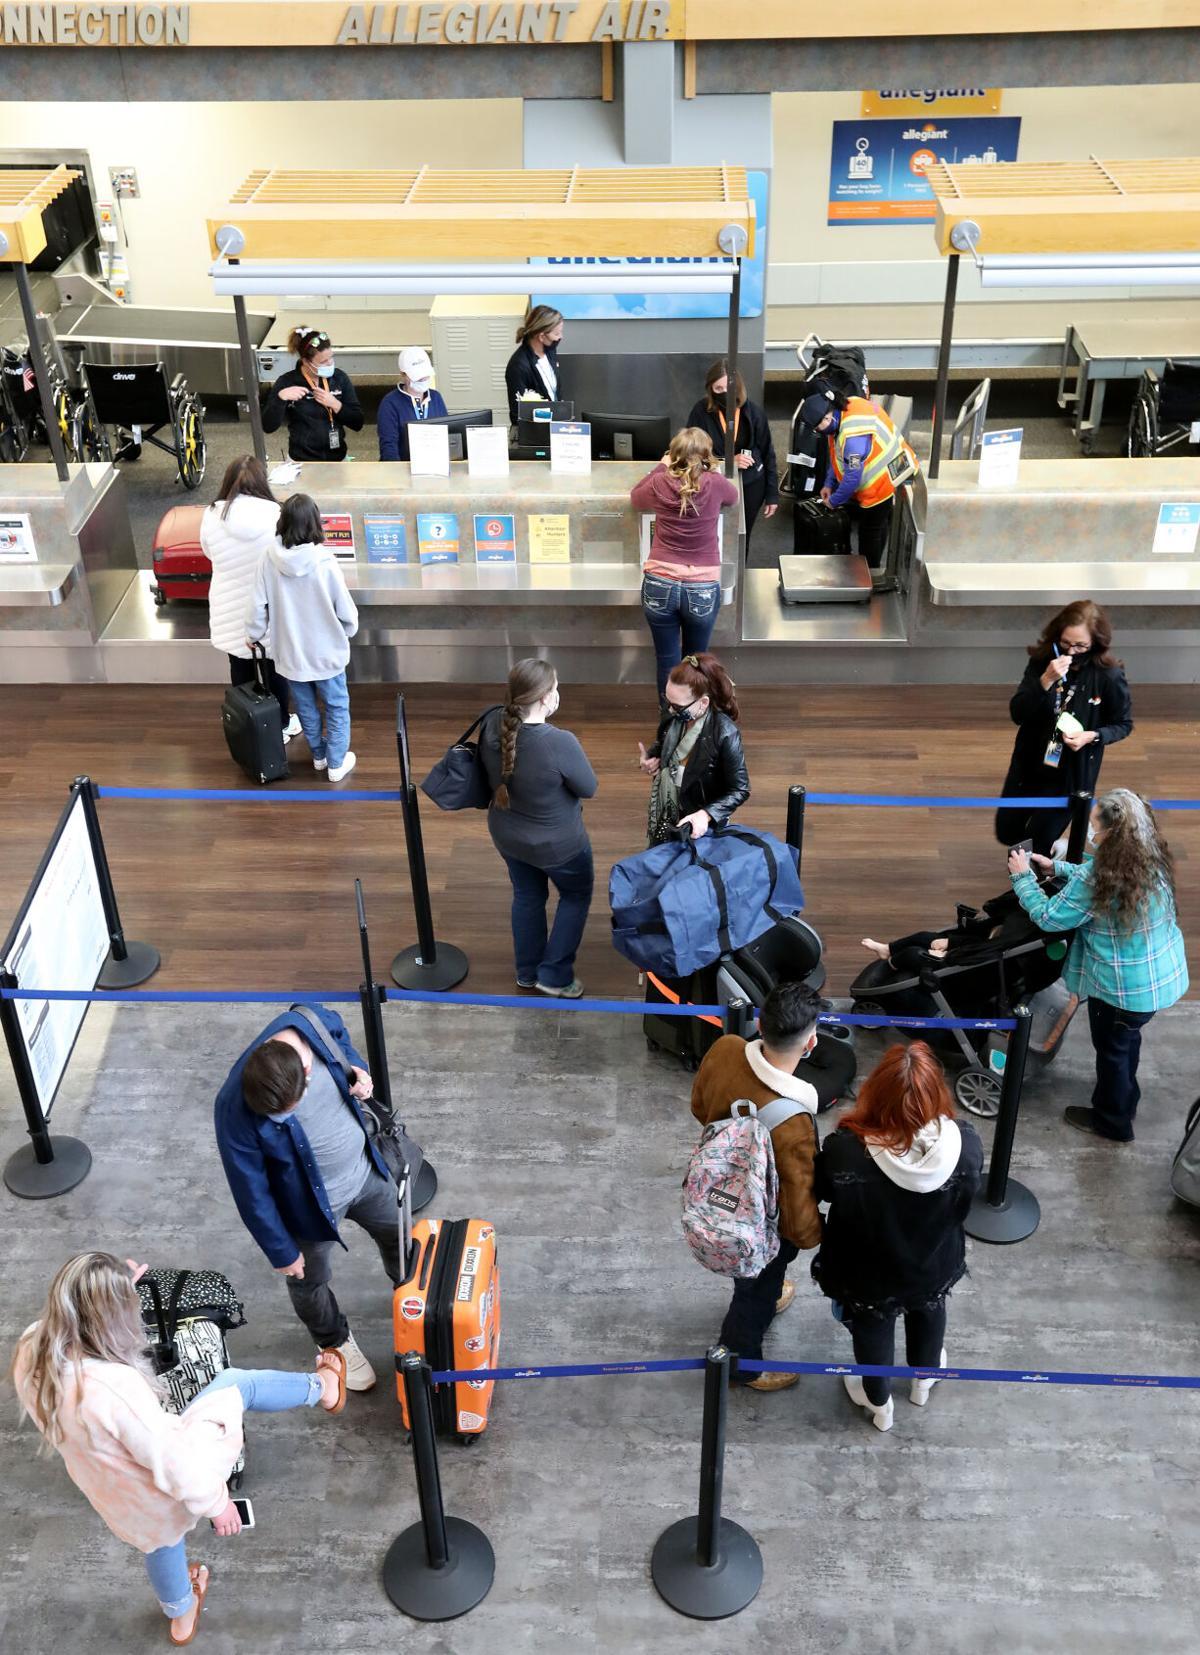 041621-Airport 2-CPT